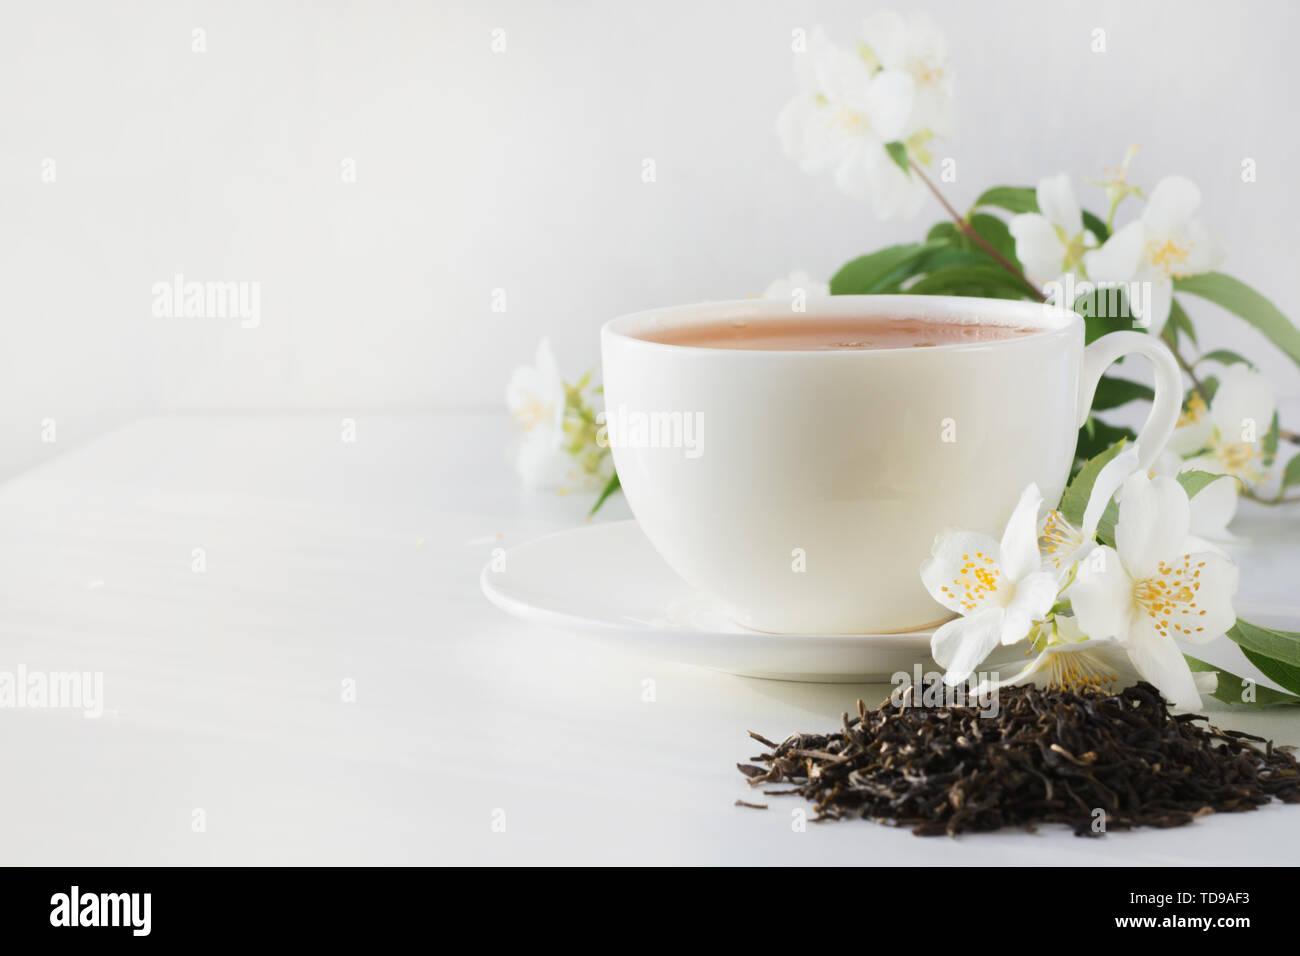 Tasse Grün Jasmin Tee White Jasmine Blumen auf weißem Hintergrund. Kopieren Sie Platz. Teatime. Stockbild